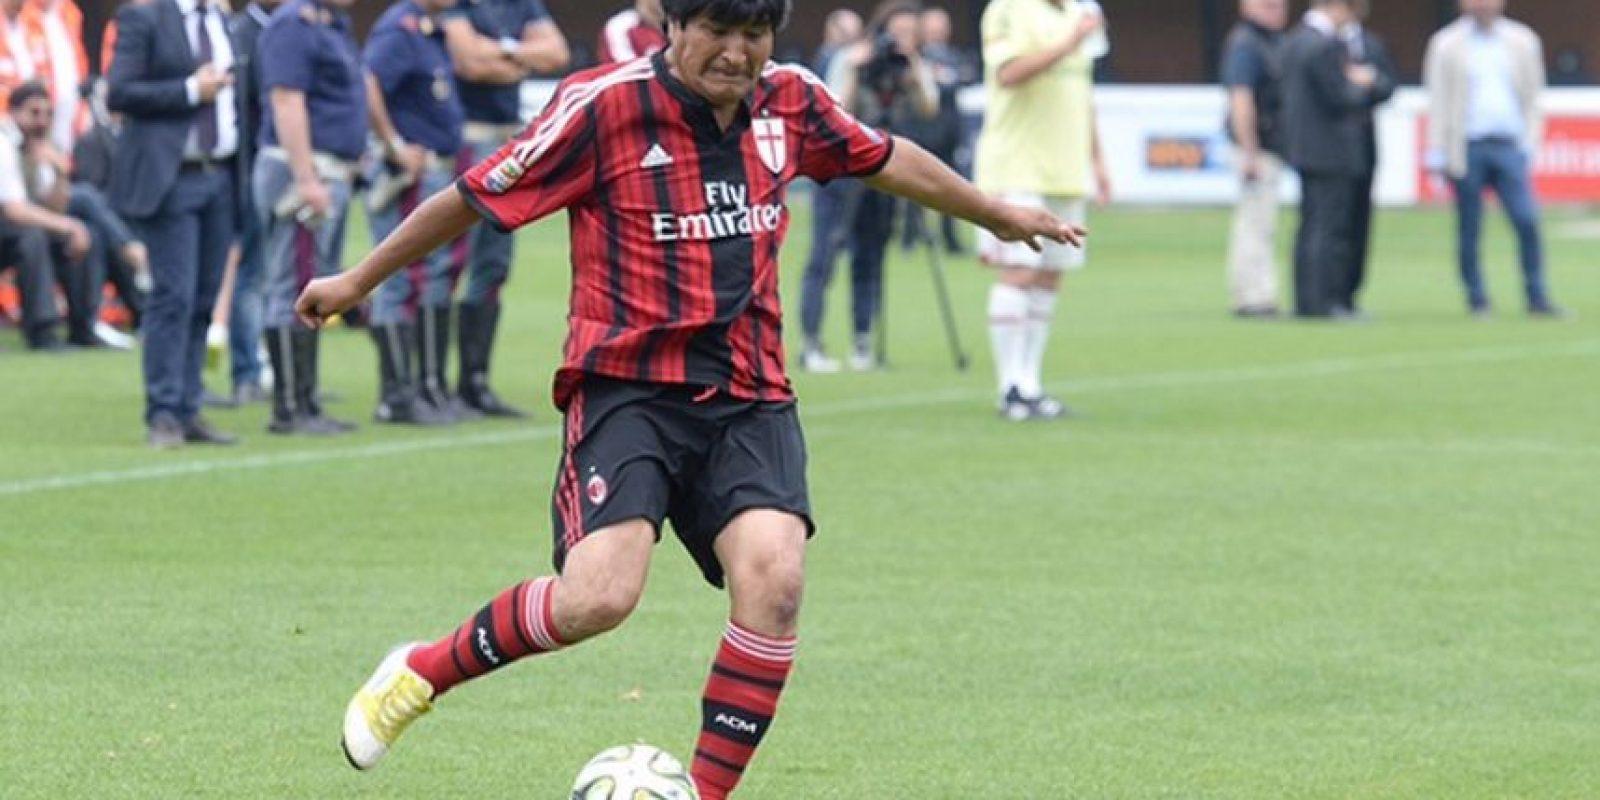 Evo Morales con la camiseta del AC Milán. Foto:twitter.com/acmilan